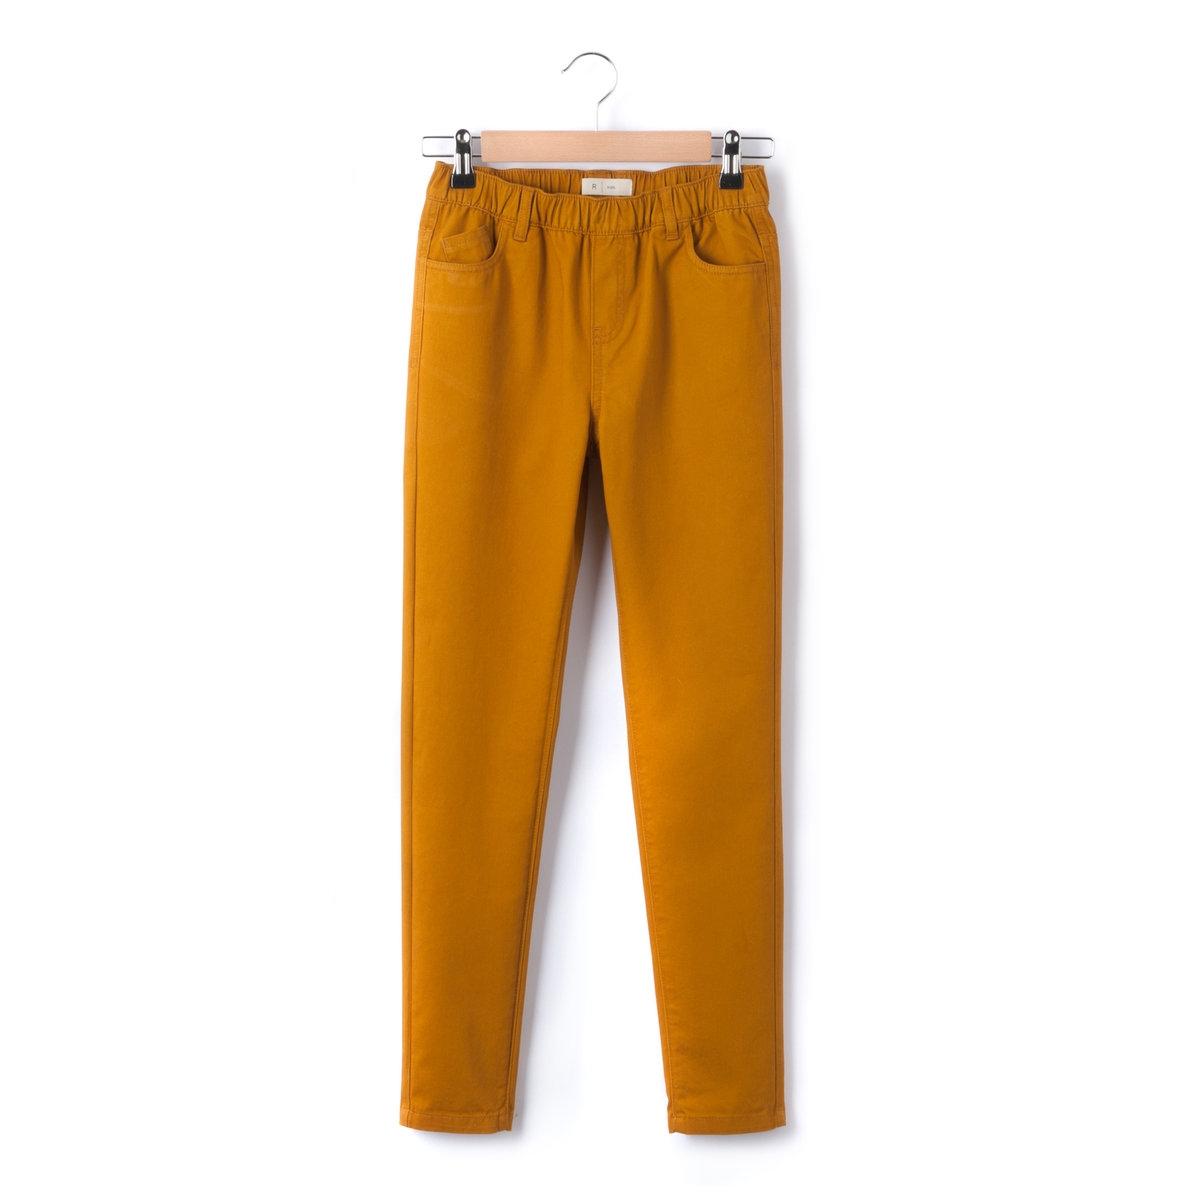 Джеггинсы скинниДжеггинсы из трикотажа стретч: 70% хлопка, 27% полиэстера, 3% эластана. Совсем как джинсы скинни, но... с большим комфортом!   Эластичный пояс со шлевками для ремня. Ложная планка застежки. 2 кармана спереди + 1 часовой кармашек. 2 кармана сзади.<br><br>Цвет: бордовый,темно-бежевый<br>Размер: 14 лет.12 лет -150 см.12 лет -150 см